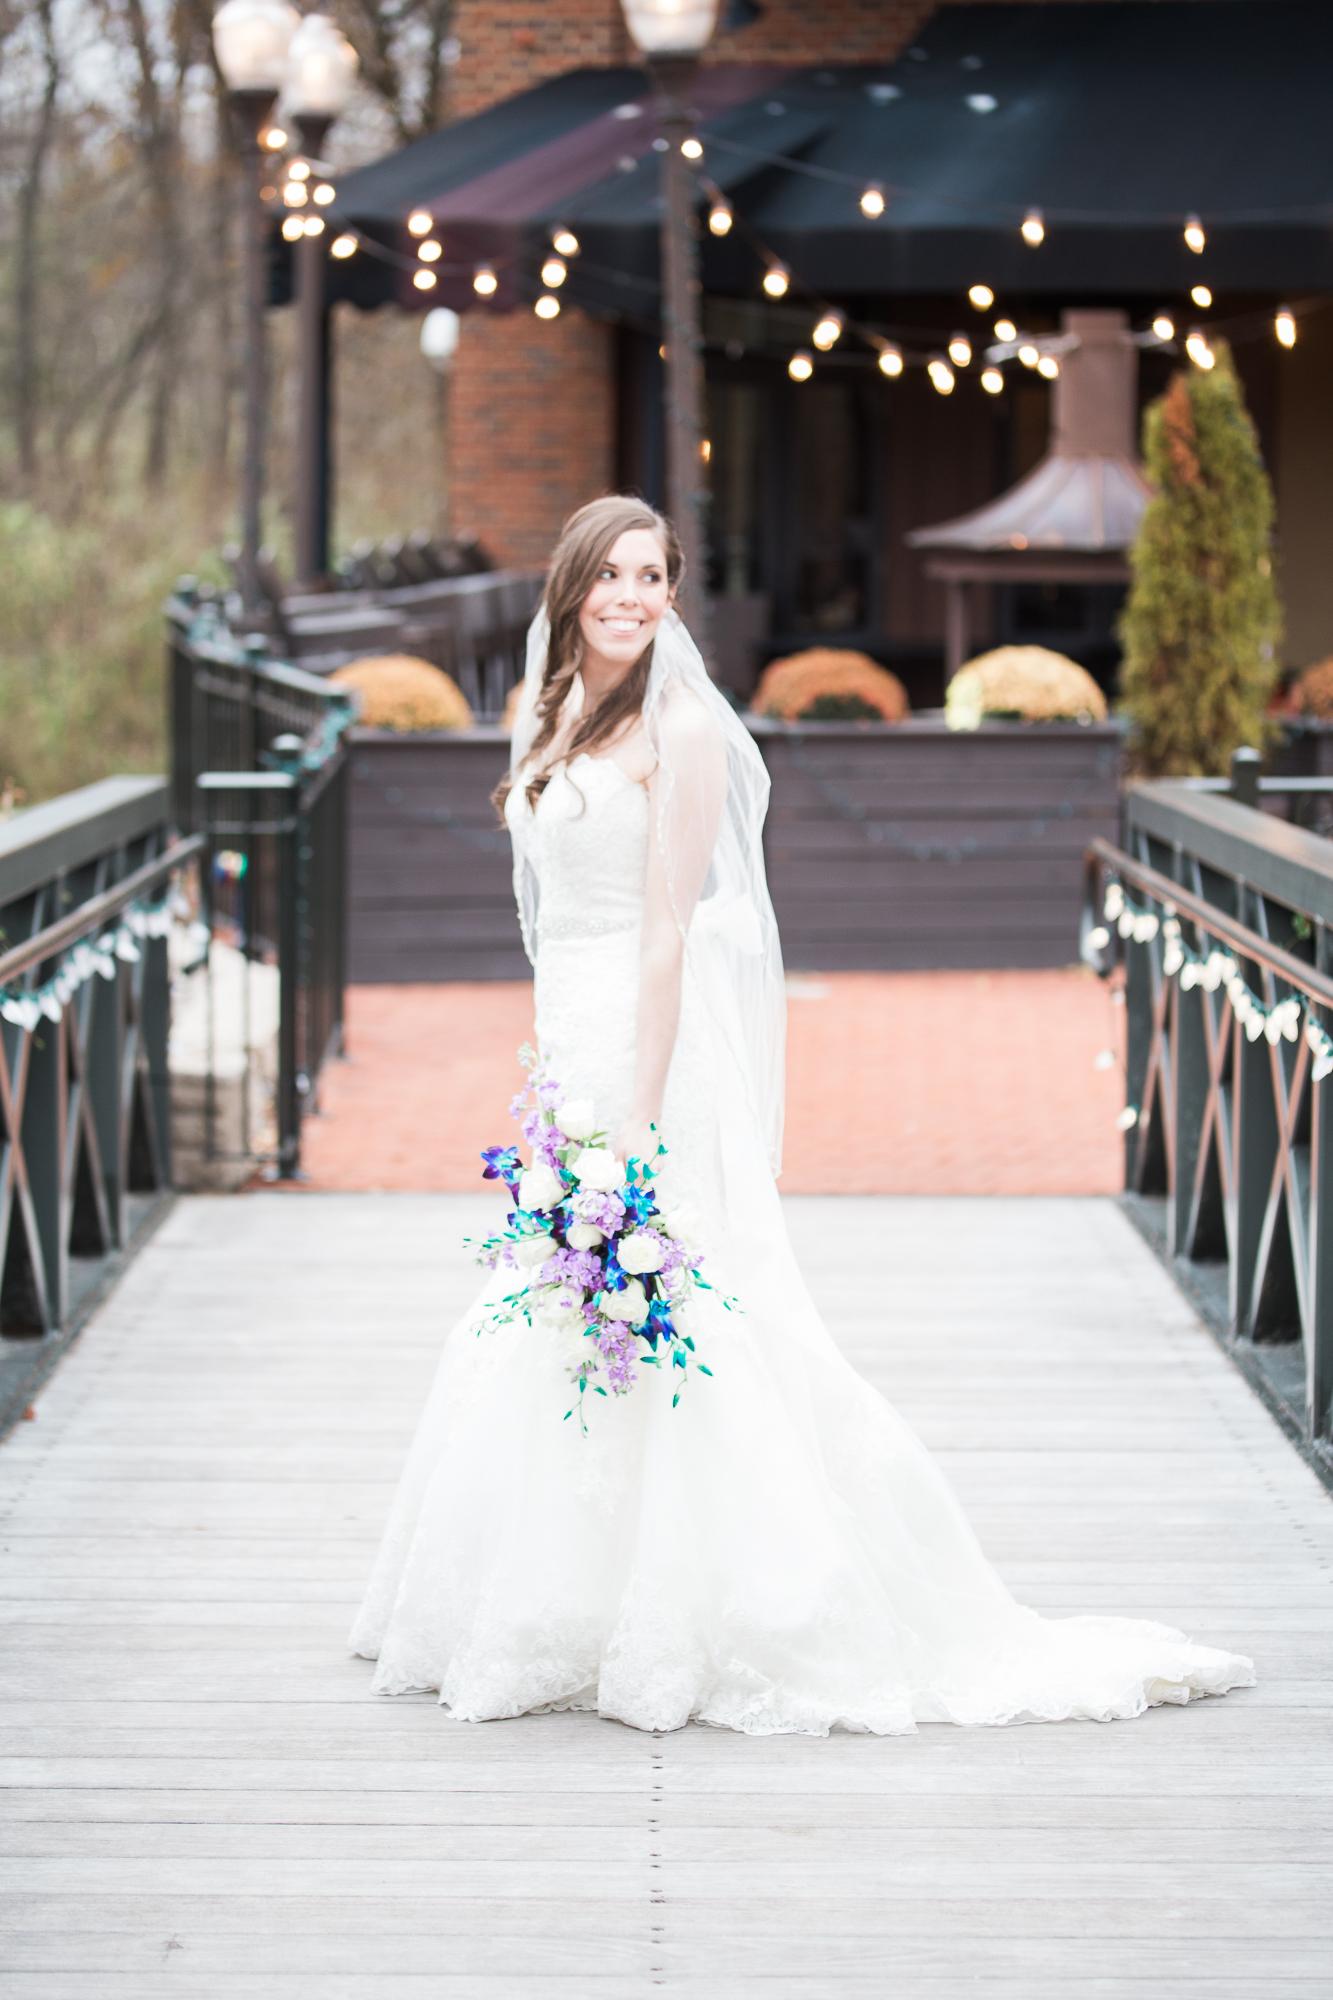 fall-wedding-outdoor-november-wedding-bride-creekside-conference-roxanna-sue-photos-1.jpg